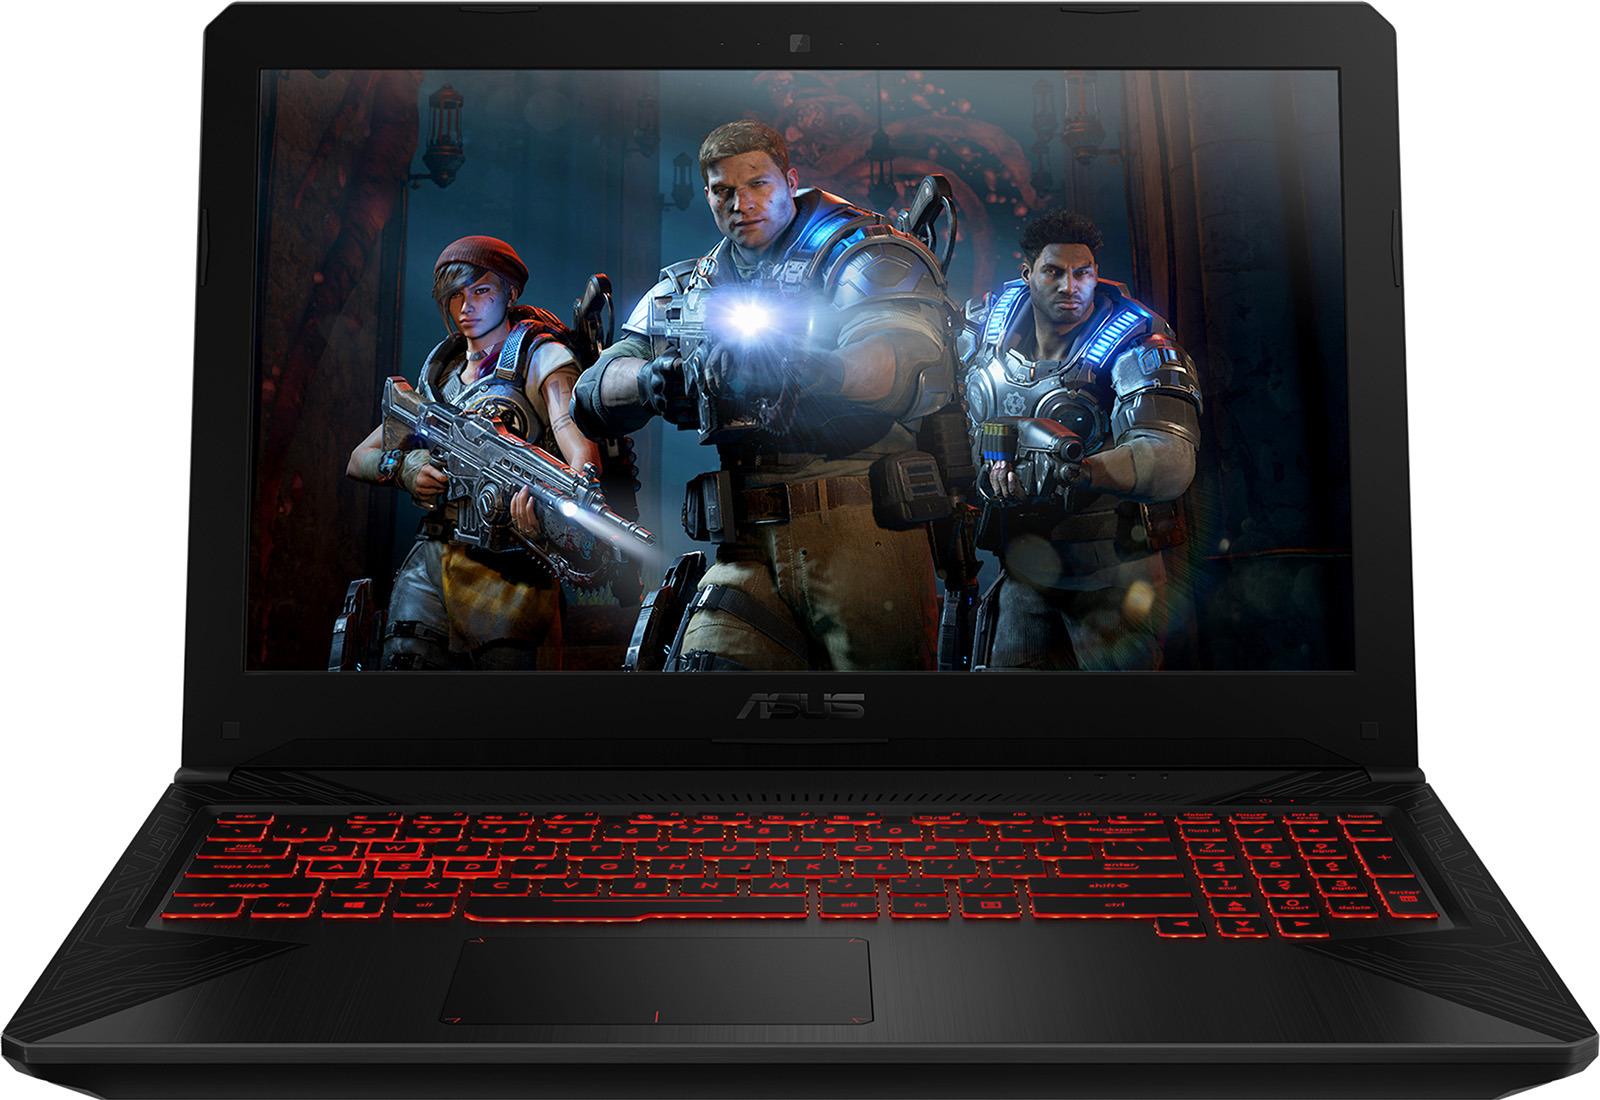 Игровой ноутбук ASUS TUF Gaming FX504GM 90NR00Q3-M08900, бронза модели ноутбуков asus